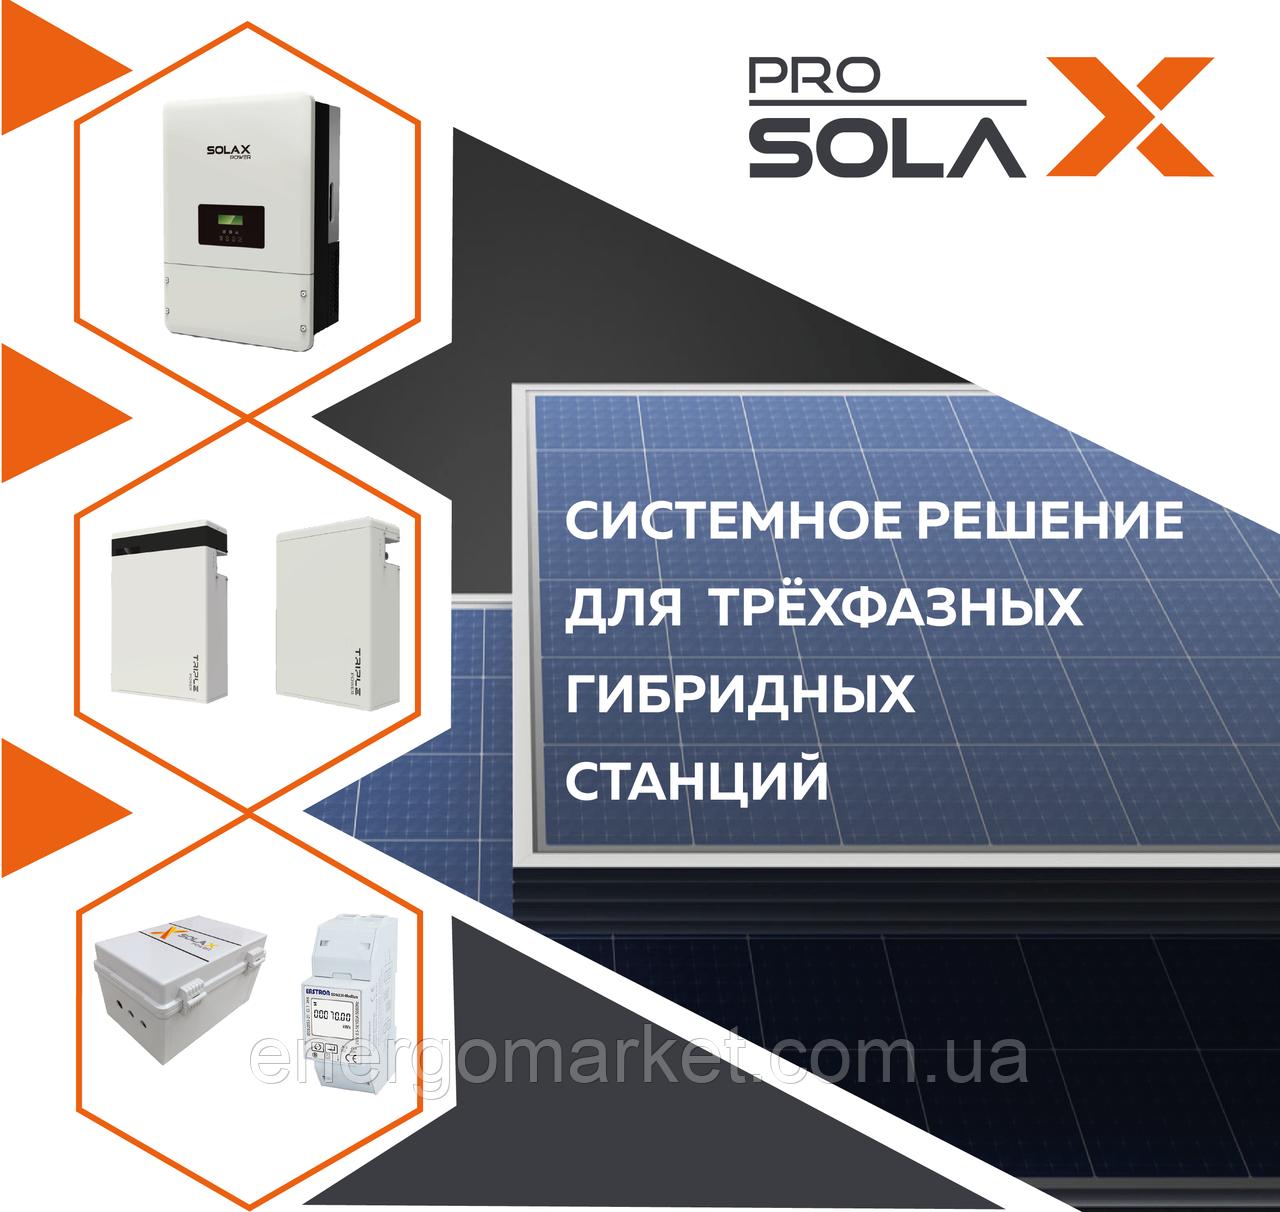 Готовое решение для трёхфазных гибридных станций SOLAX 8 кВт с АКБ на 11.6 кВт*ч